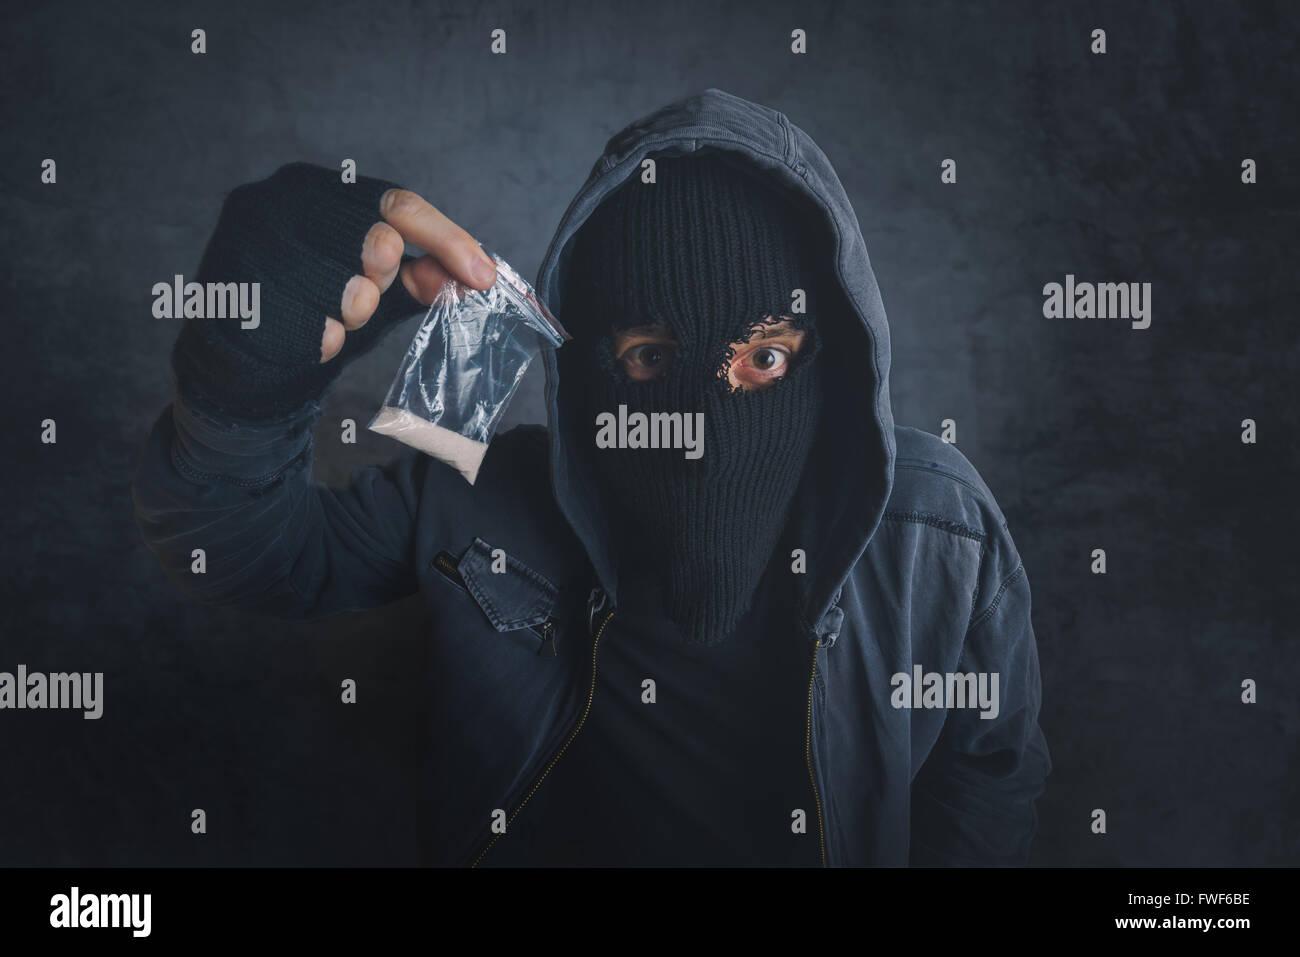 Revendeur de drogue offrant une substance narcotique de toxicomane dans la rue, méconnaissable dans la vente Photo Stock